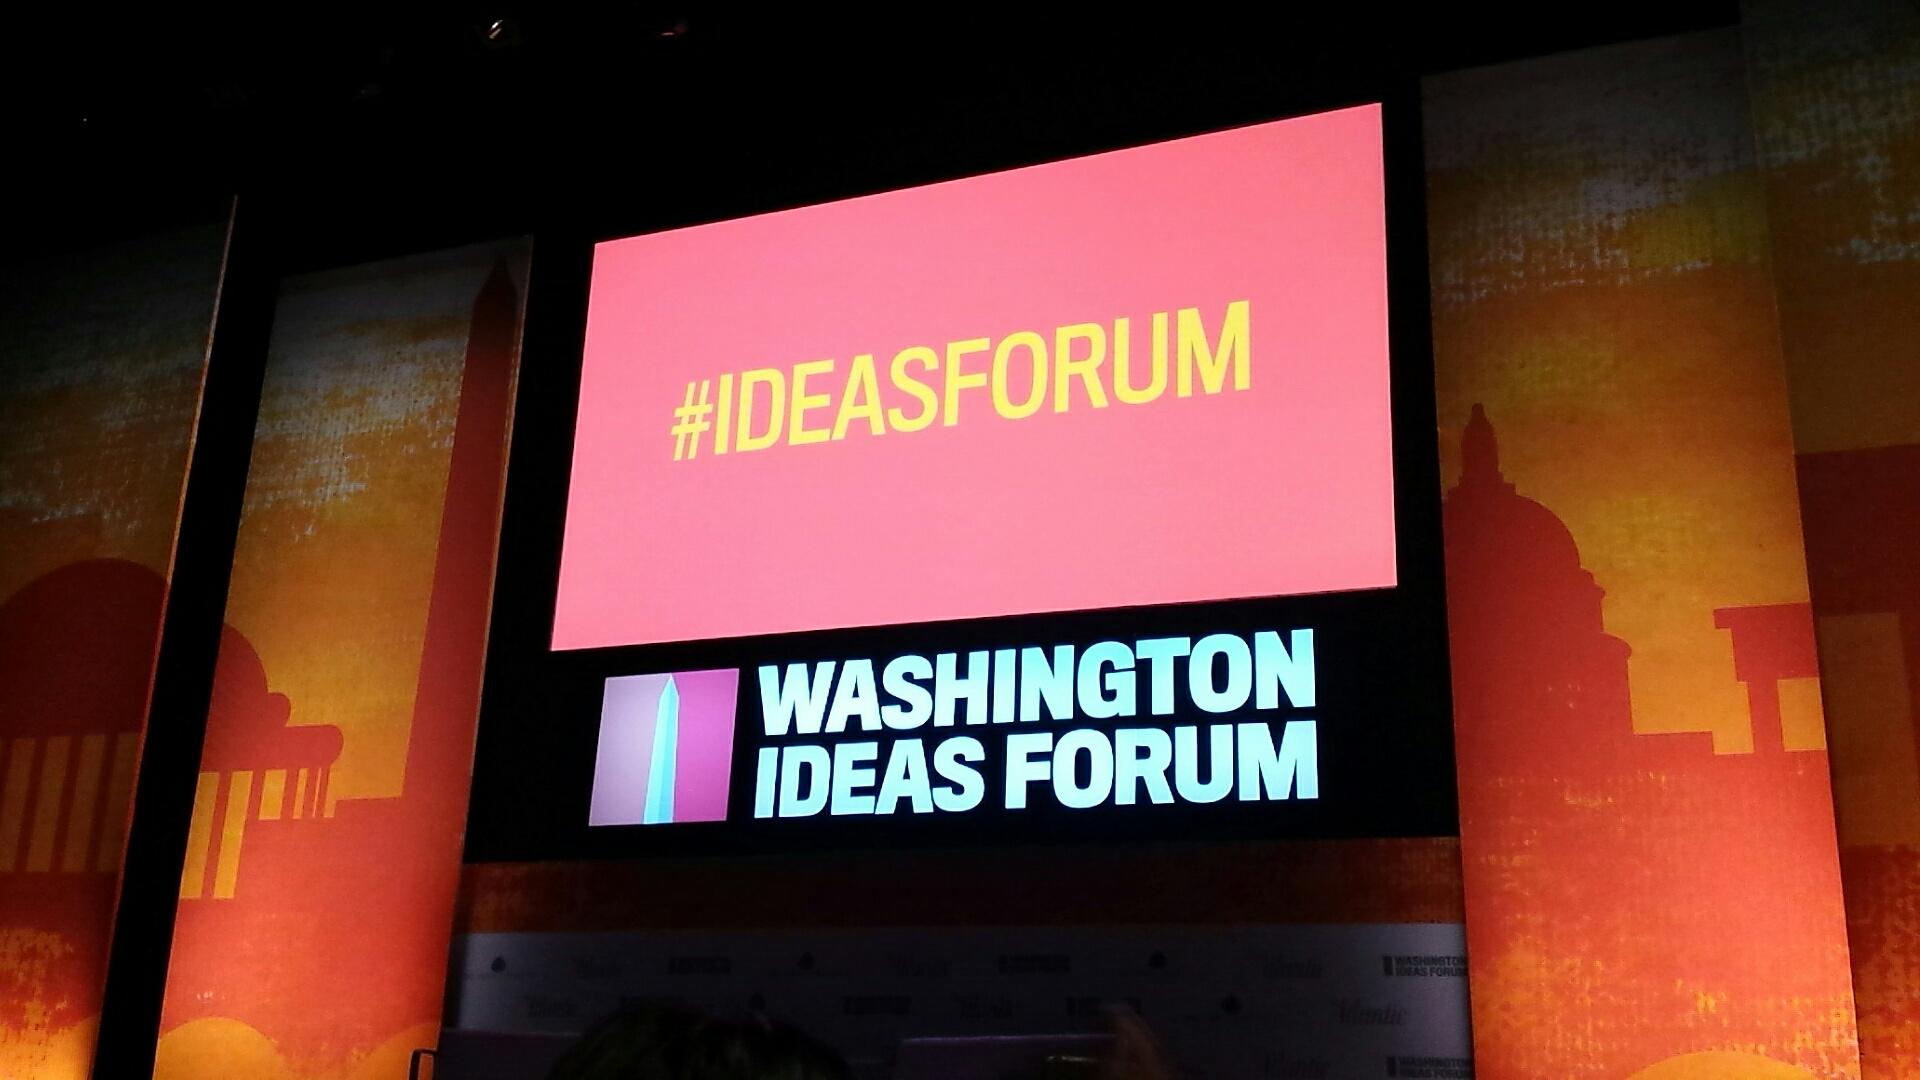 The Washington Ideas Forum, Washington D.C. Photo taken by the author, September 29, 2016.